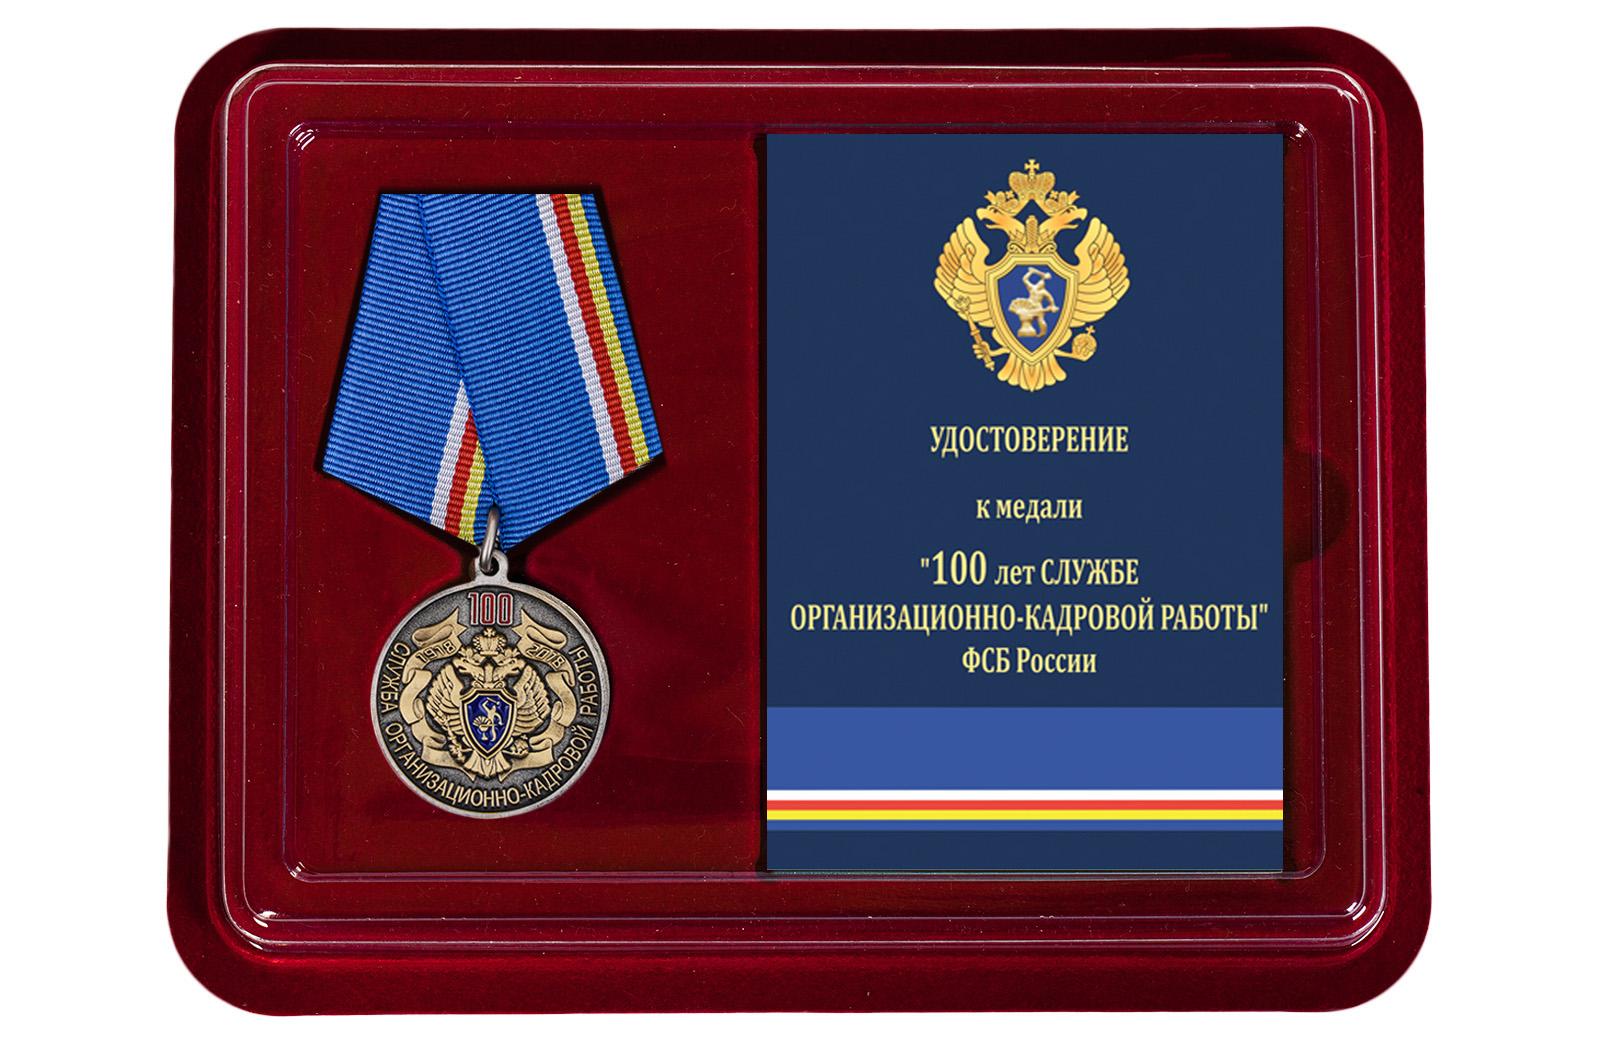 Юбилейная медаль 100 лет Службе организационно-кадровой работы ФСБ РФ